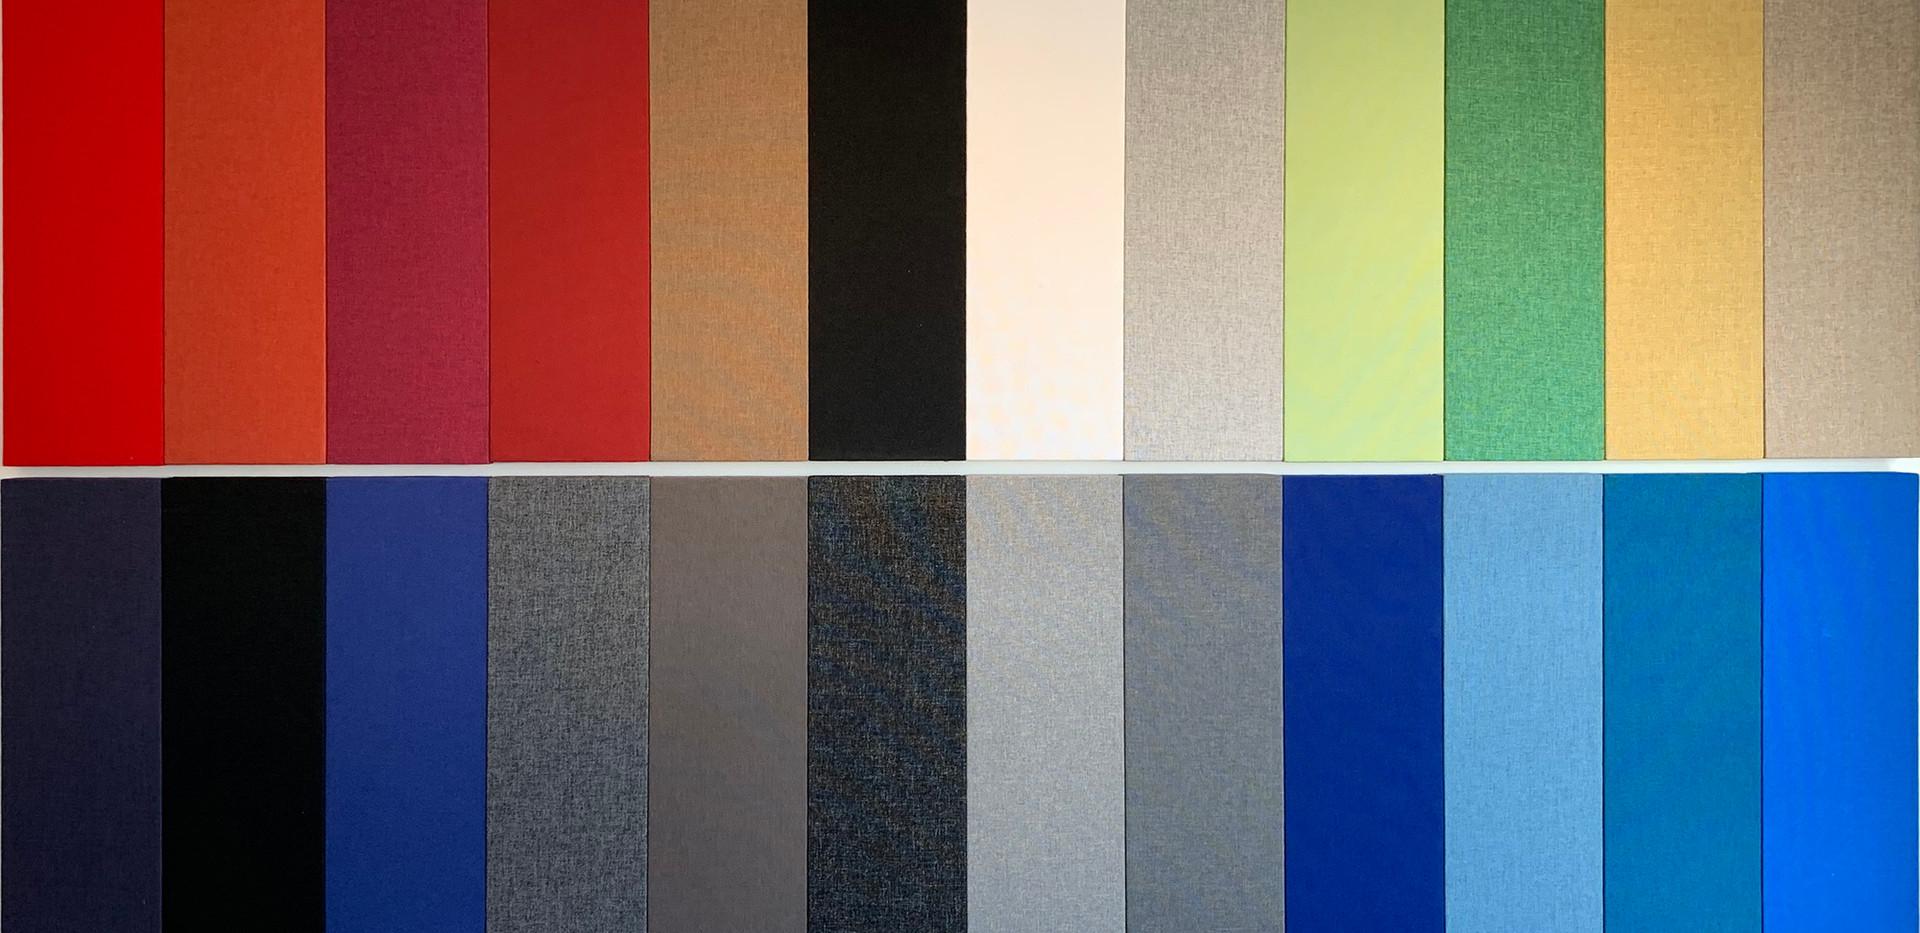 Farveoversigt af Alpha TYST farver